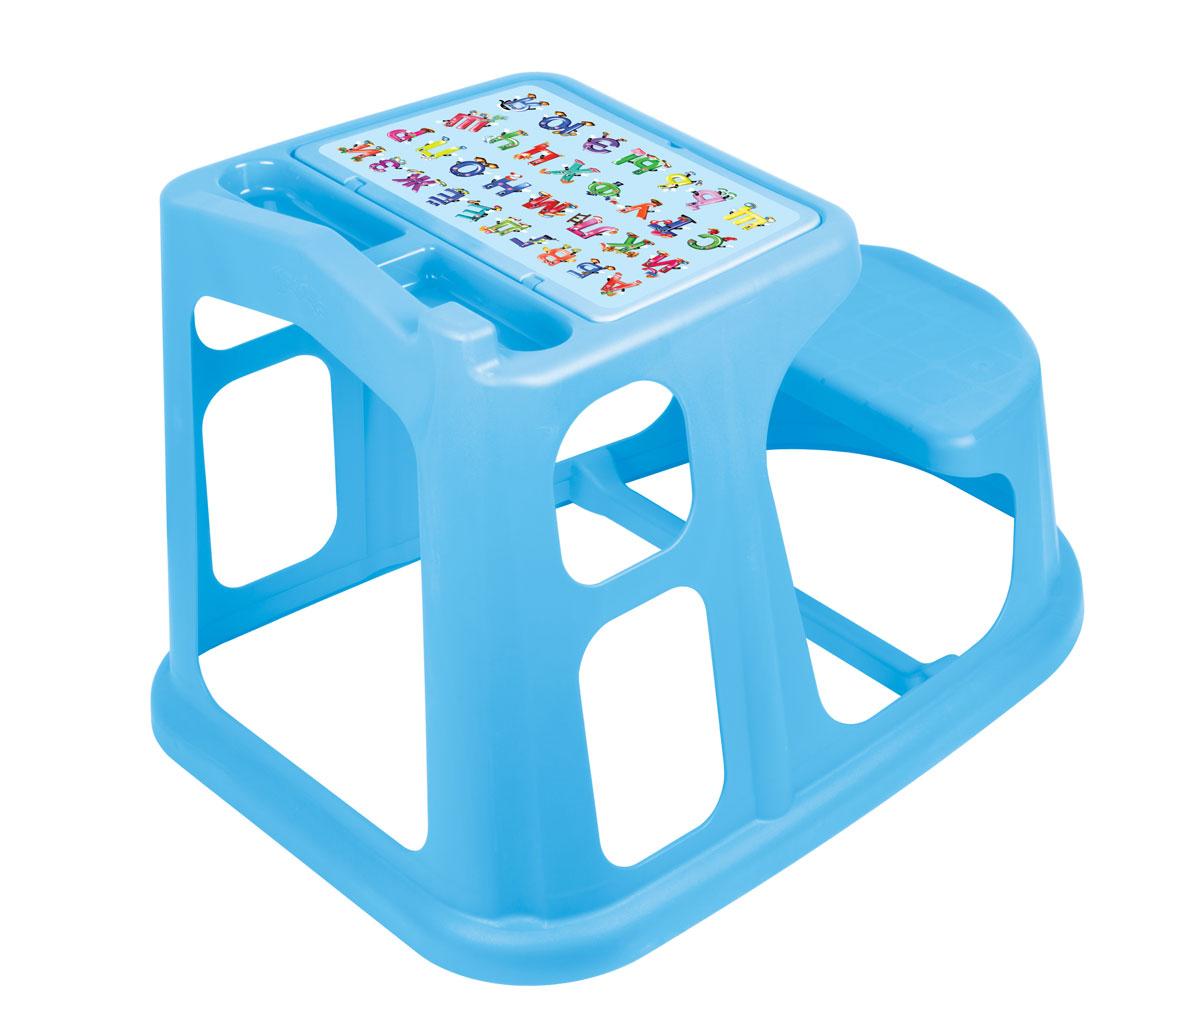 """Стол-парта """"Алфавит"""", выполненная из прочного полипропилена без содержания бисфенола А, послужит для вашего малыша удобным рабочим местом во время конструирования, лепки, рисования или просто игры. Столешница с крышкой имеет специальные углубления для карандашей, кисточек и фломастеров, а под крышкой расположены три ниши для хранения красок, блокнотов и других мелочей. Крышка оформлена изображением цифр от 1 до 9. Парта имеет устойчивую конструкцию и безопасные закругленные углы и для удобства совмещена со скамейкой. Порадуйте своего ребенка таким замечательным подарком!"""